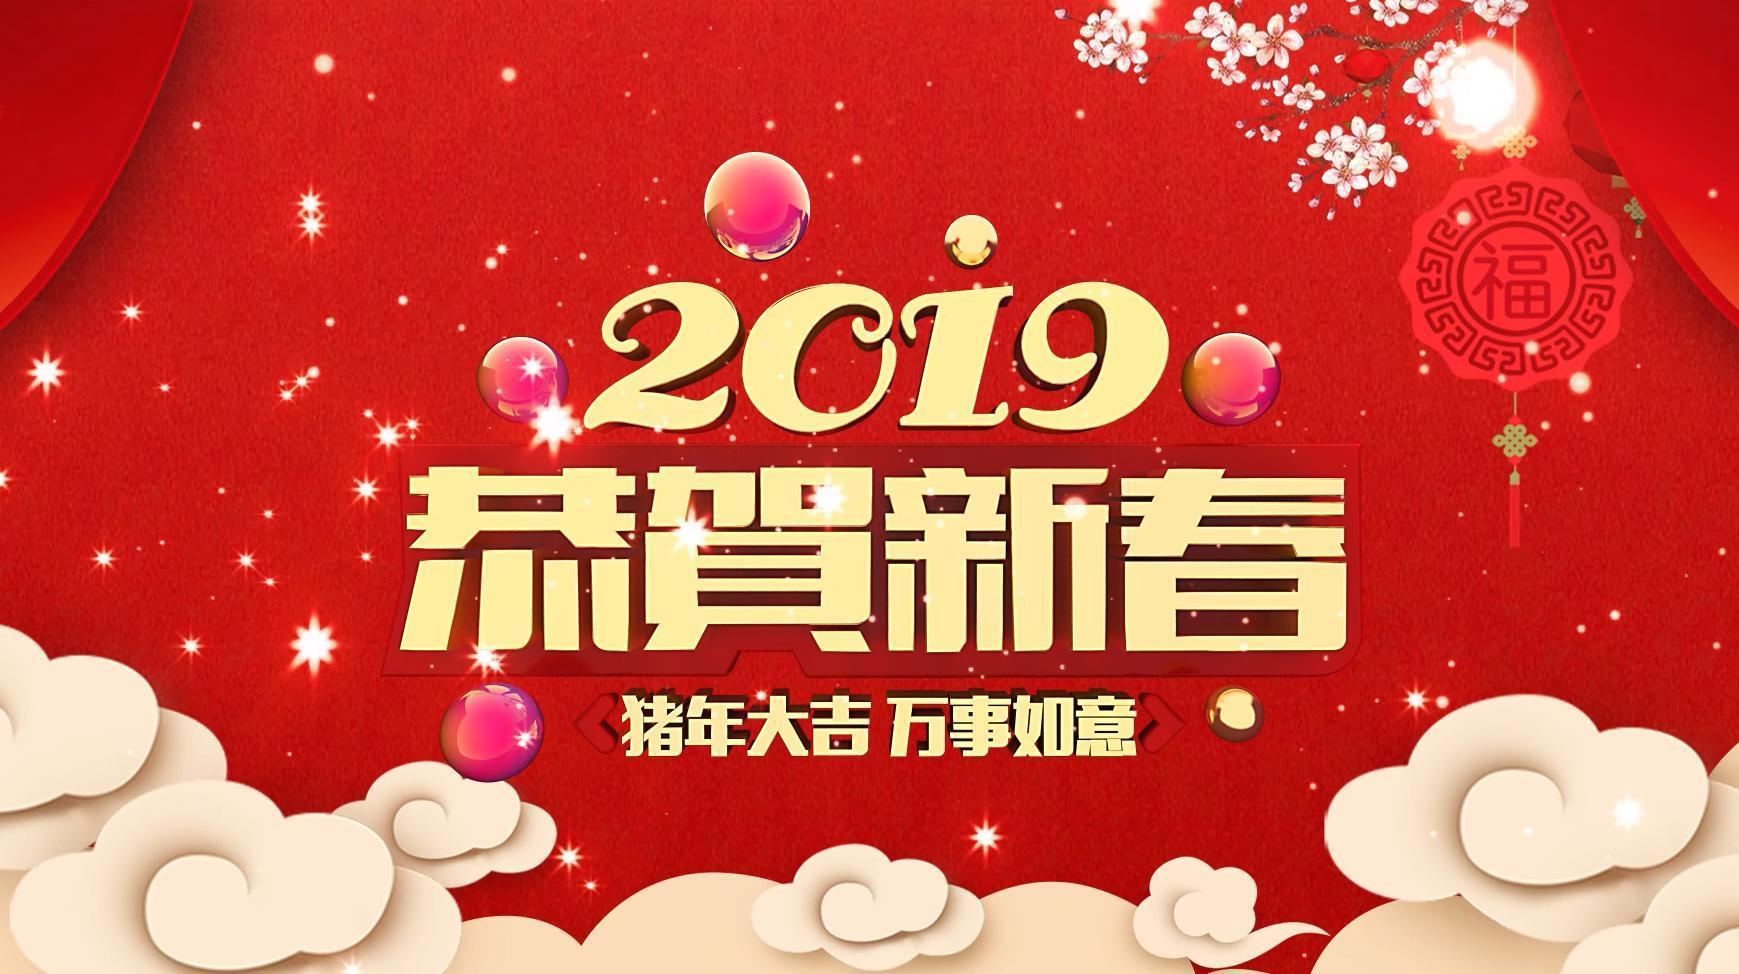 2019年恭贺新春猪年大吉万事如意